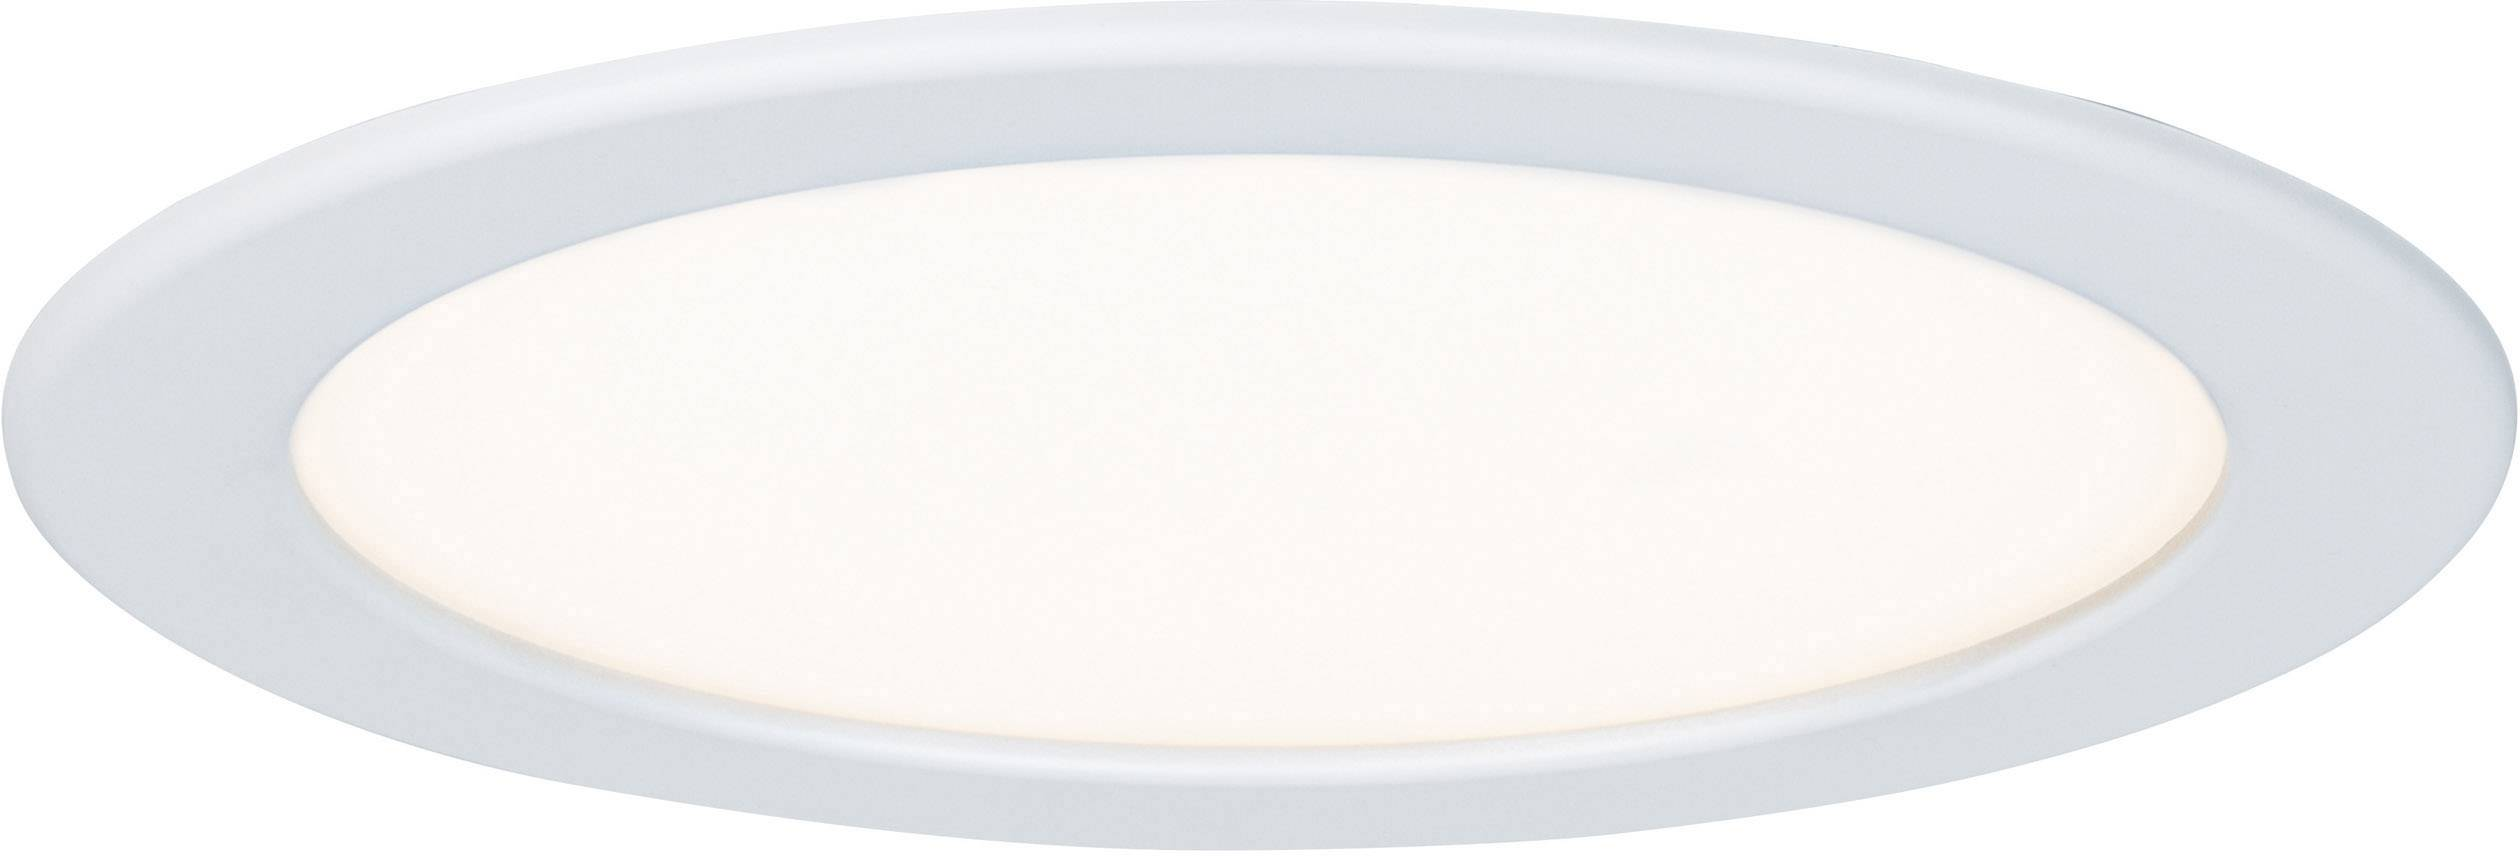 LED vestavné koupelnové svítidlo Paulmann 92063, 18 W, teplá bílá, bílá